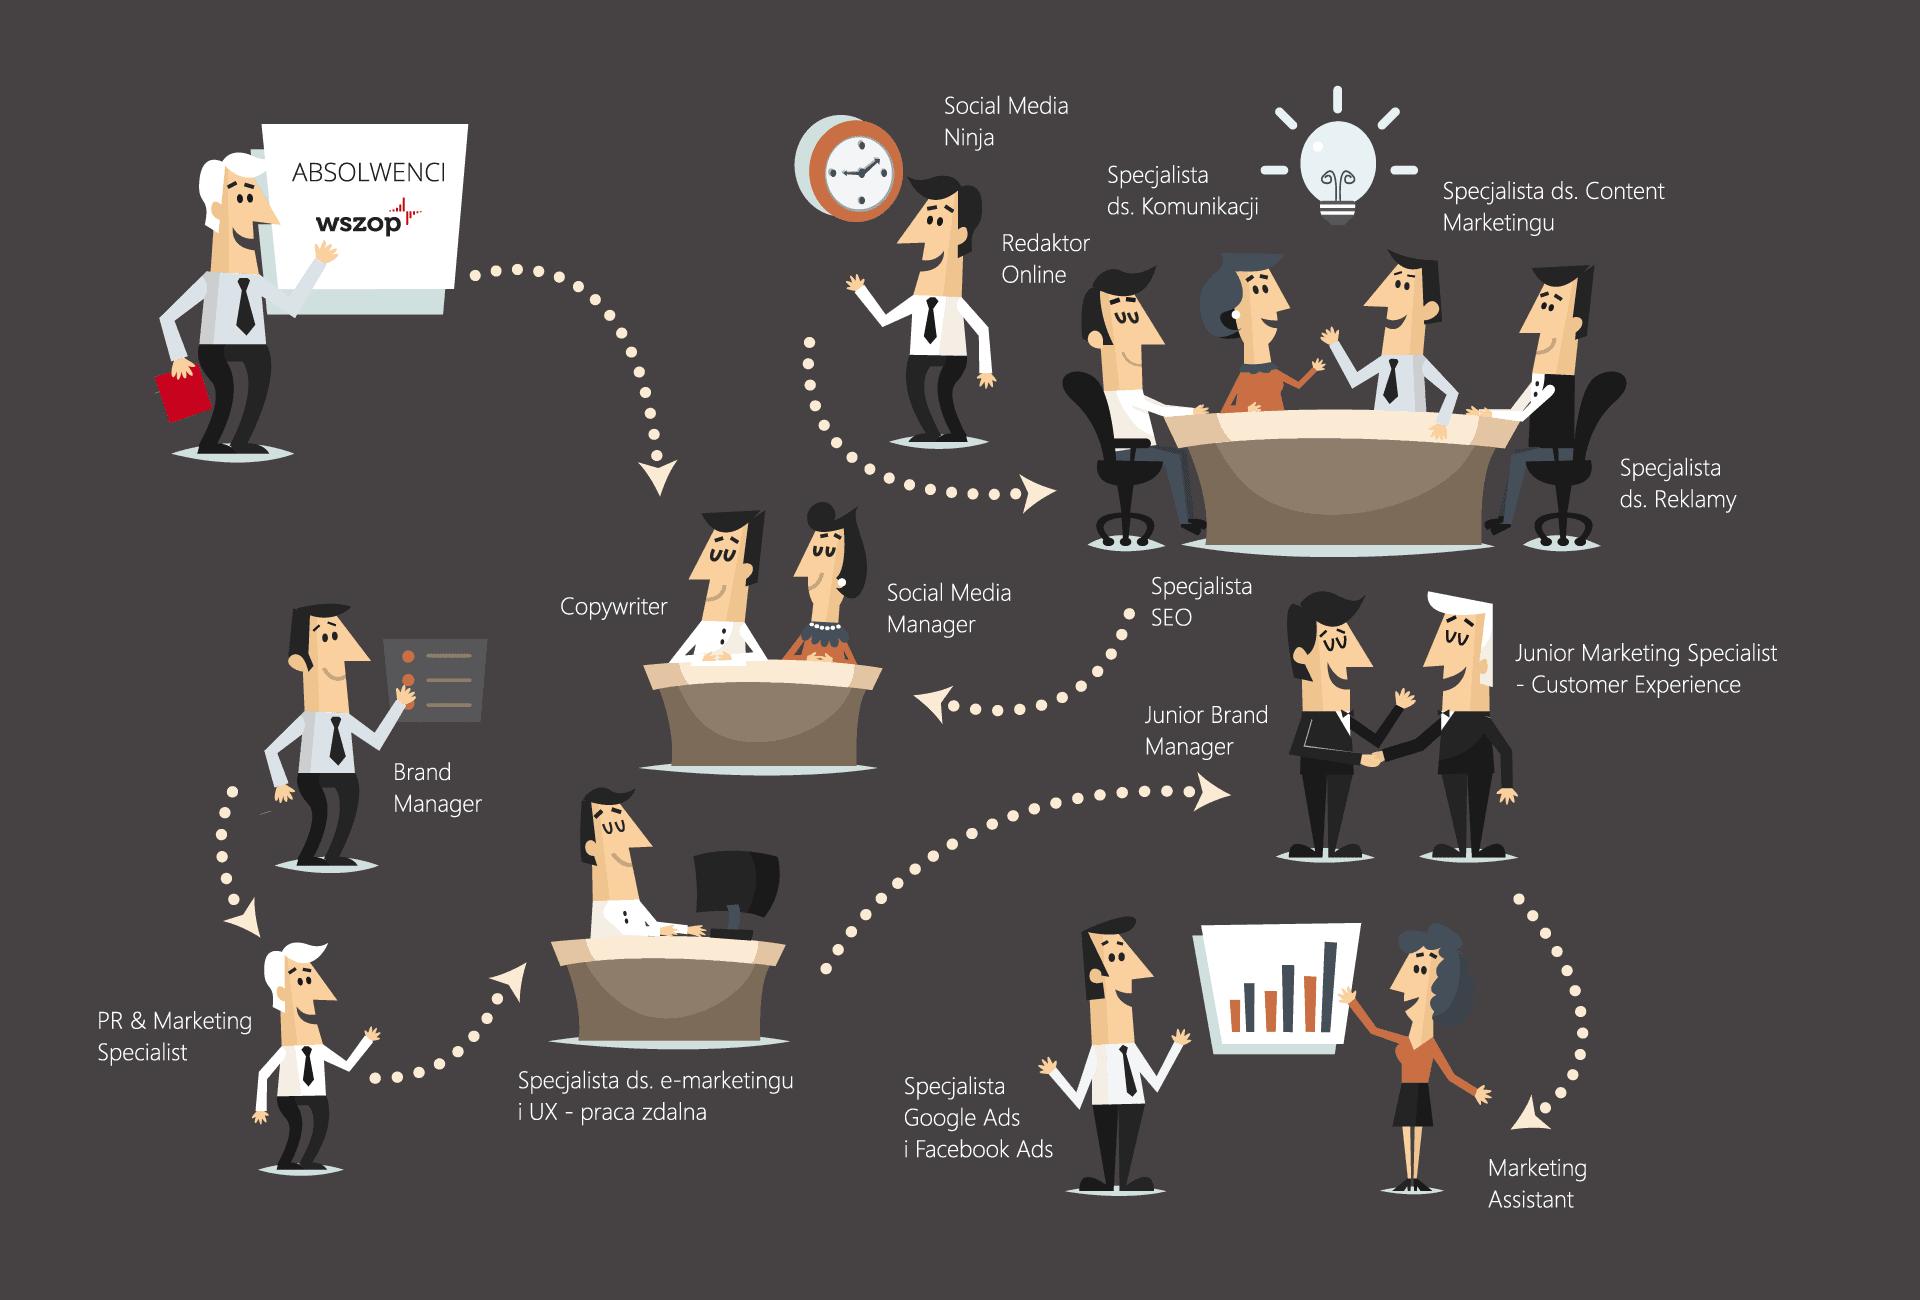 Grafika ilustrująca zatrudnienie pospecjalności Marketing winternecie